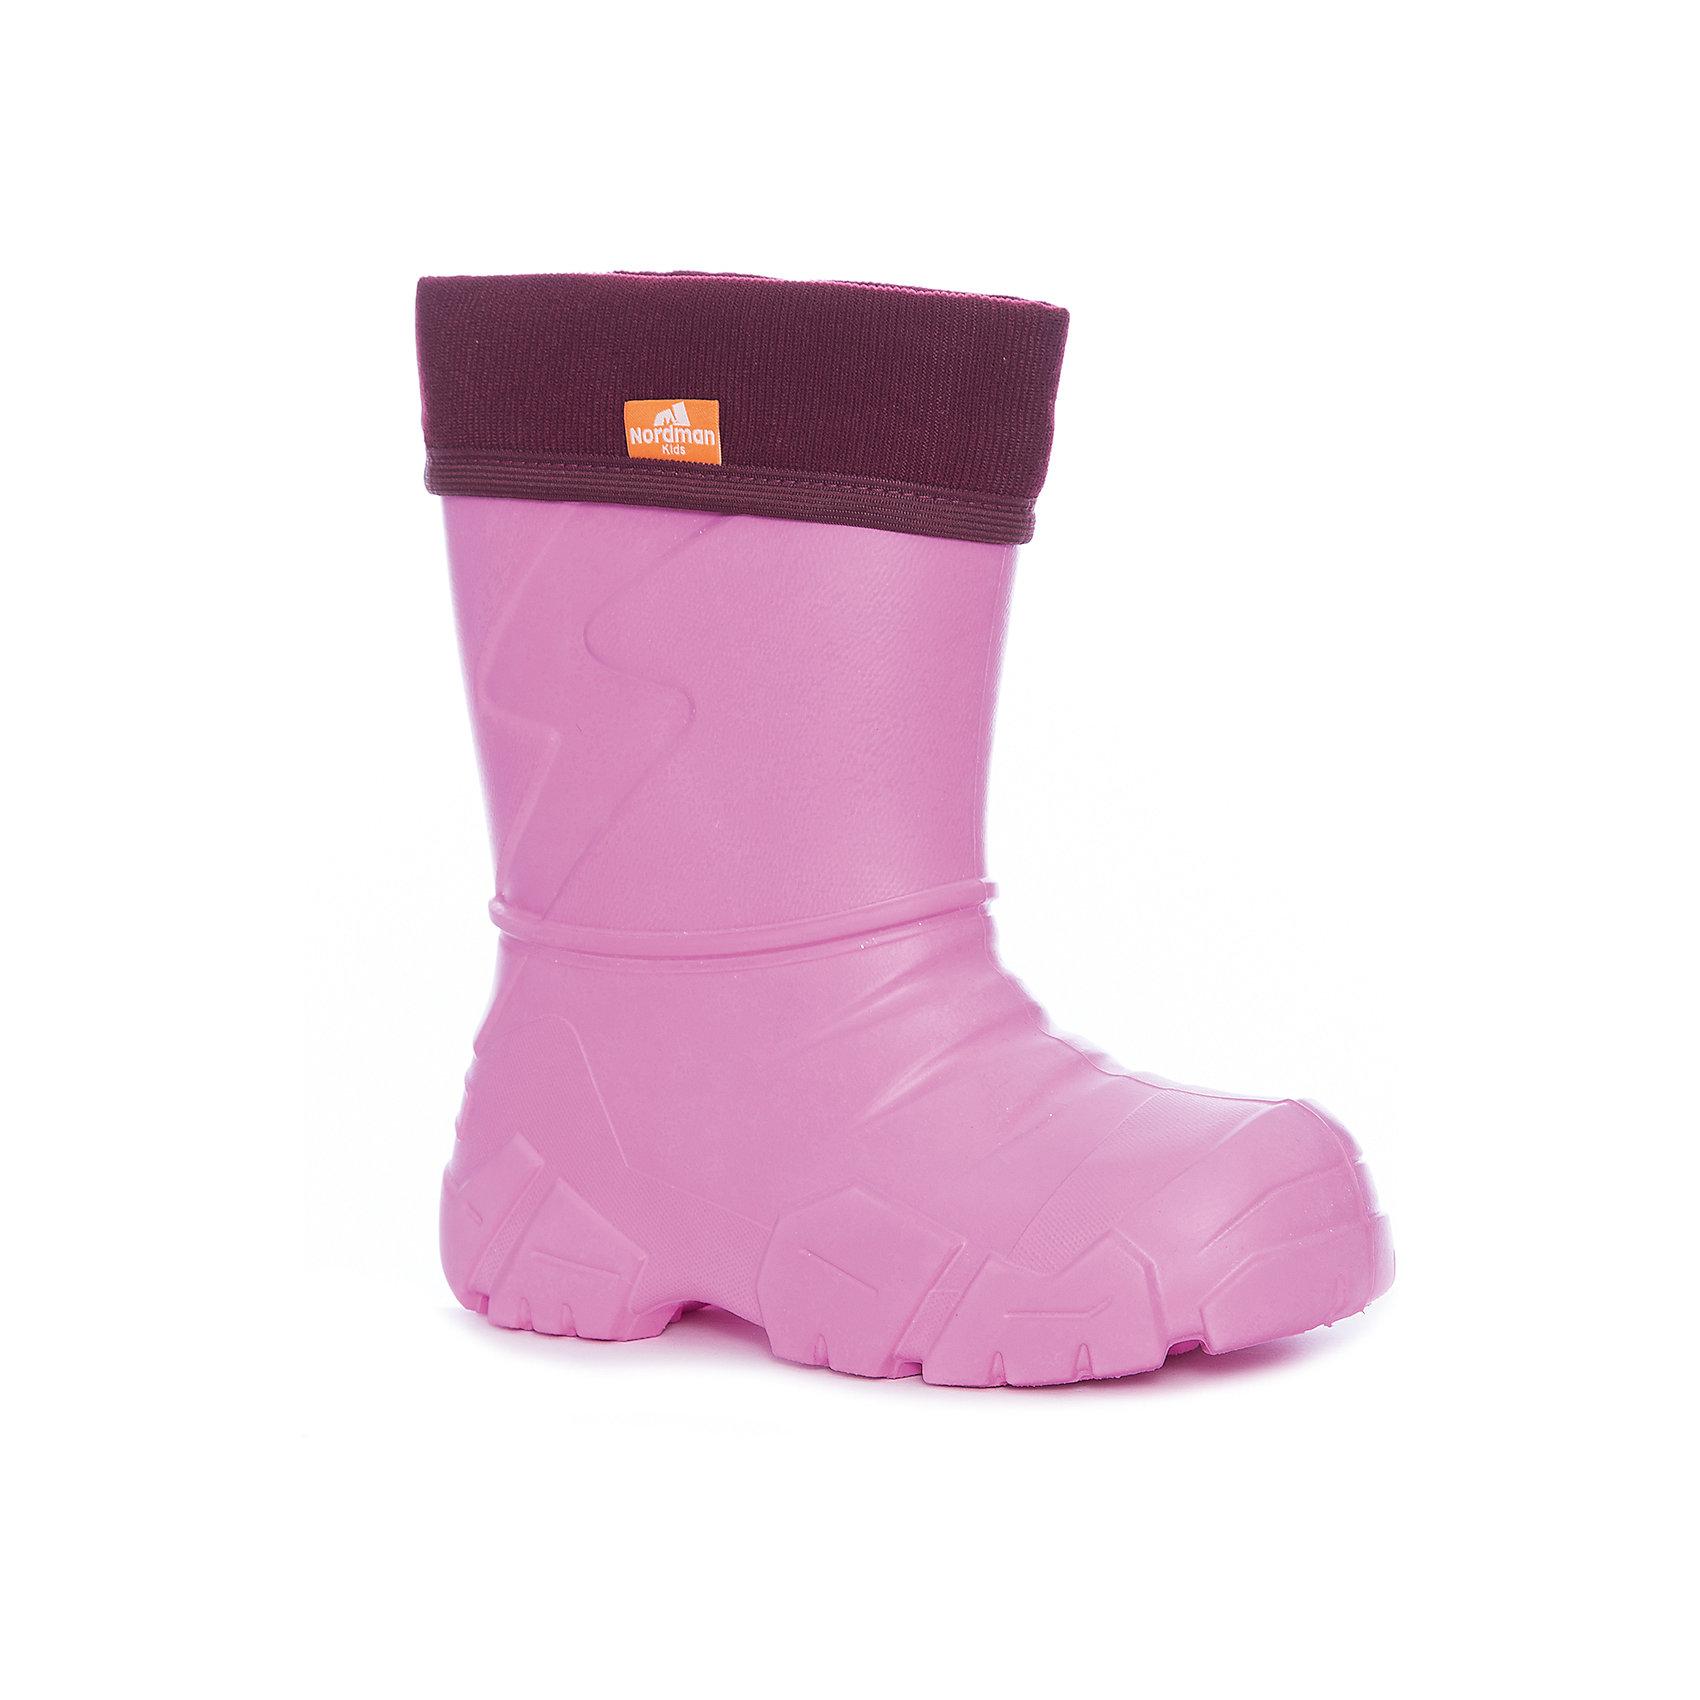 Резиновые сапоги для девочки NordmanРезиновые сапоги<br>Характеристики товара:<br><br>• цвет: розовый<br>• материал верха: ЭВА<br>• подклад: флис<br>• стелька: флис<br>• подошва: ЭВА<br>• сезон: зима, демисезон<br>• температурный режим: от 0 до -15<br>• сапожок не вынимается<br>• непромокаемые<br>• подошва не скользит<br>• страна бренда: Россия<br>• страна изготовитель: Россия<br><br>Резиновые сапоги для девочки Nordman позволяют сохранить ноги в тепле и одновременно не дают им промокнуть. Такая обувь отлично подходит для теплой зимы или слякоти в межсезонье. <br><br>Высокое голенище предотвращает попадание влаги или грязи в сапог. Флисовая мягкая подкладка обеспечивает ногам комфортные условия.<br><br>Резиновые сапоги для девочки Nordman (Нордман) можно купить в нашем интернет-магазине.<br><br>Ширина мм: 237<br>Глубина мм: 180<br>Высота мм: 152<br>Вес г: 438<br>Цвет: розовый<br>Возраст от месяцев: 132<br>Возраст до месяцев: 144<br>Пол: Женский<br>Возраст: Детский<br>Размер: 34/35,22/23,24/25,26/27,28/29,30/31,32/33<br>SKU: 6867197